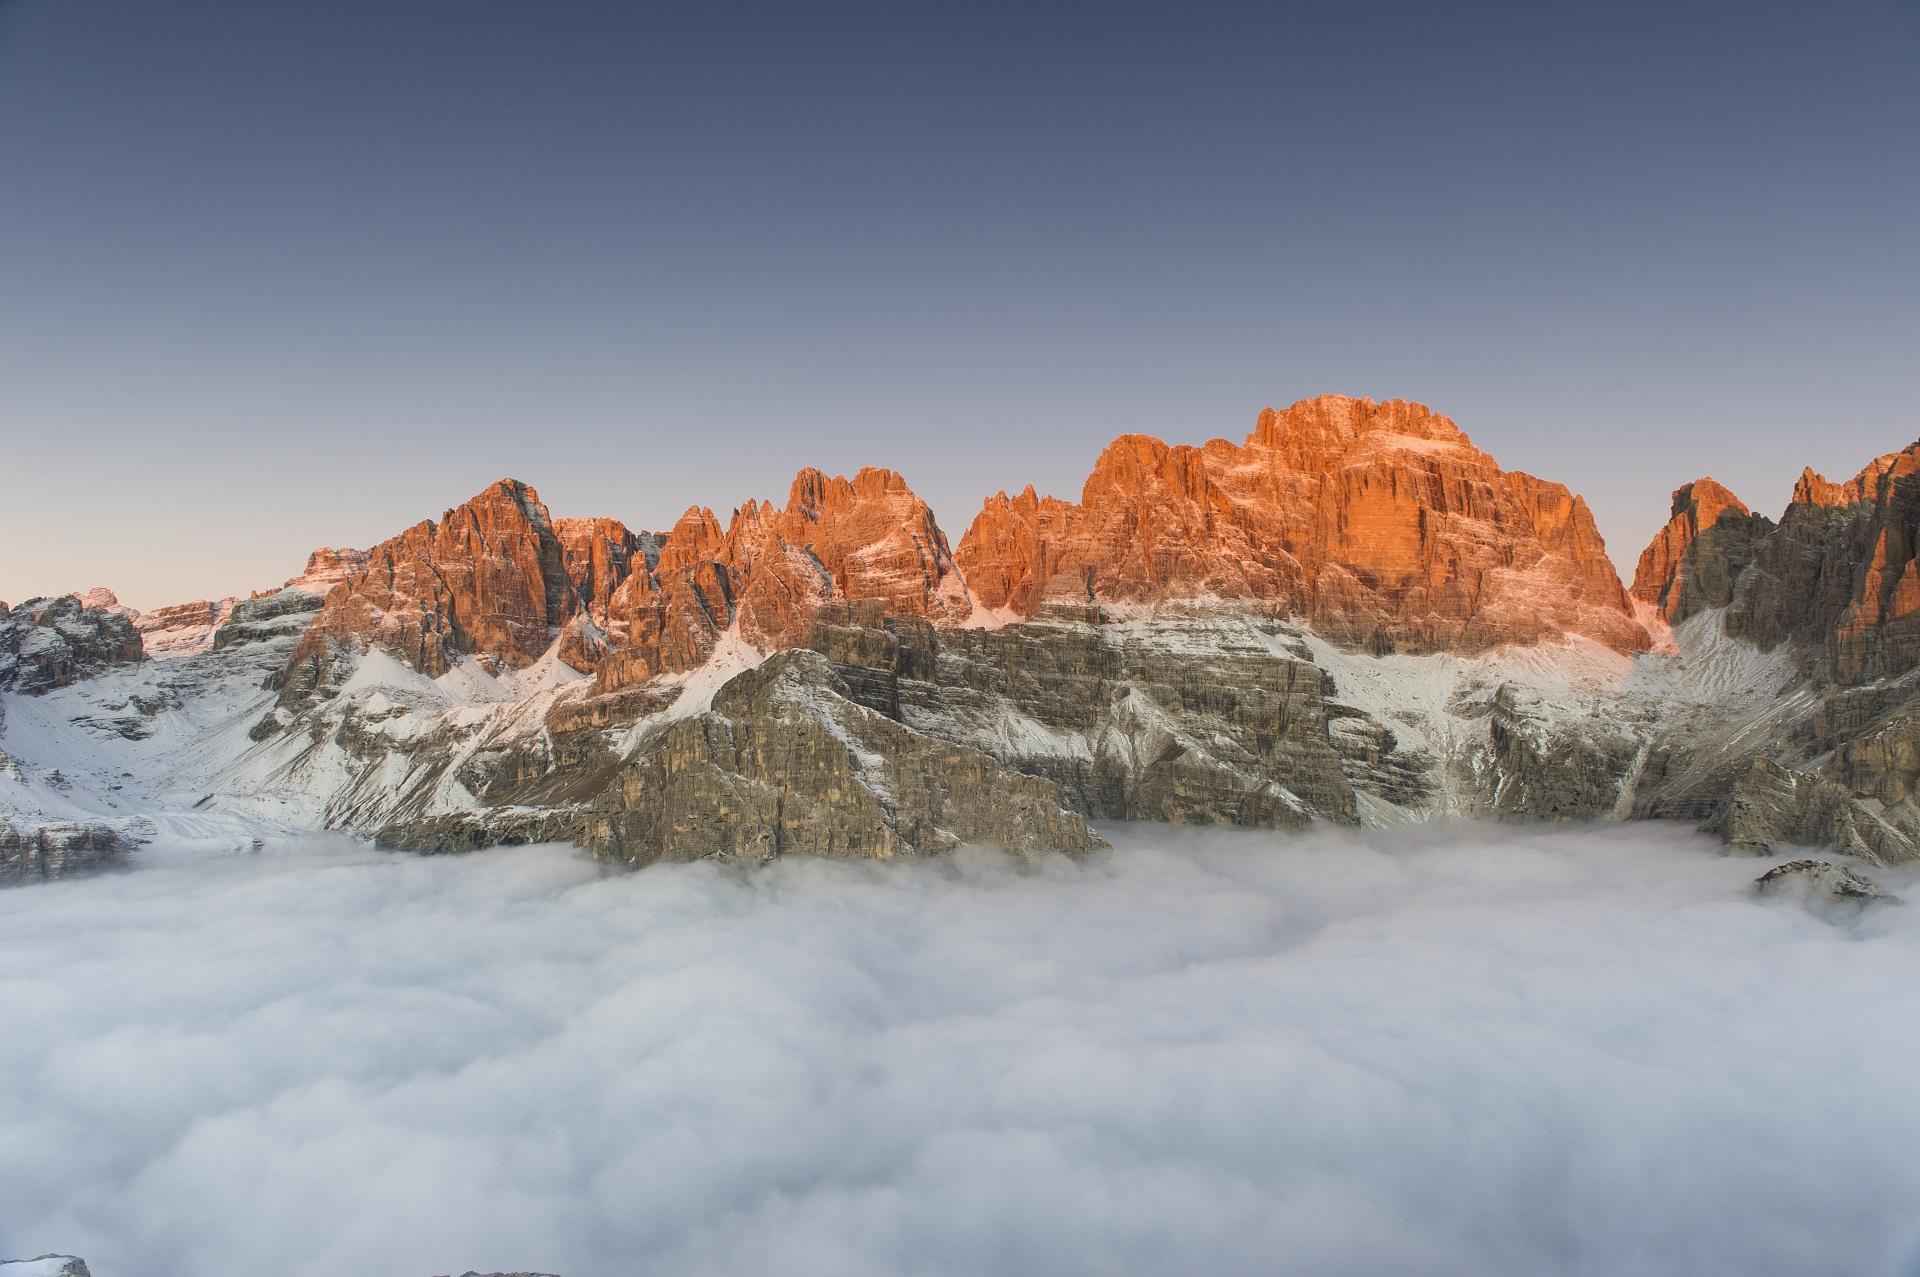 Alba Dolomiti di Brenta Andalo Paganella Ski